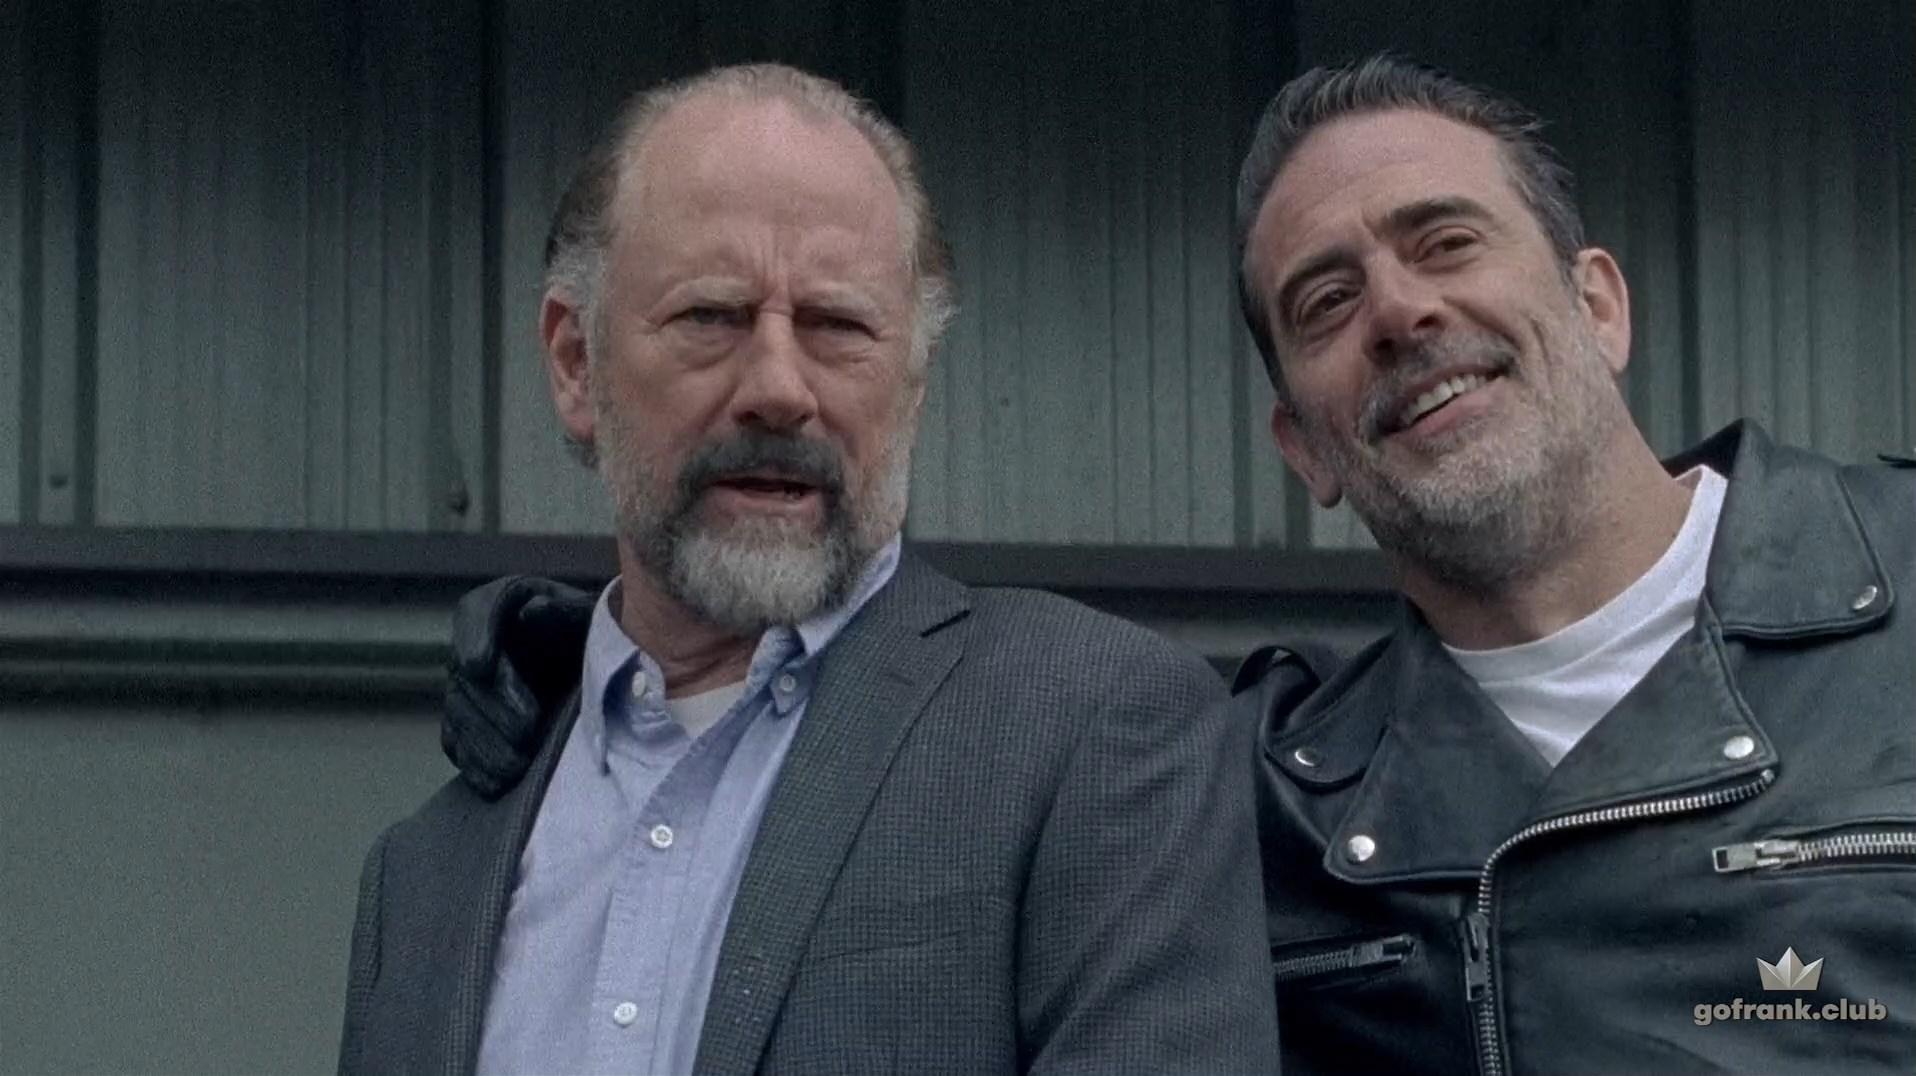 Ходячие мертвецы / The Walking Dead [08x01-03 из 16] (2017) WEB-DLRip 1080p | Profix Media